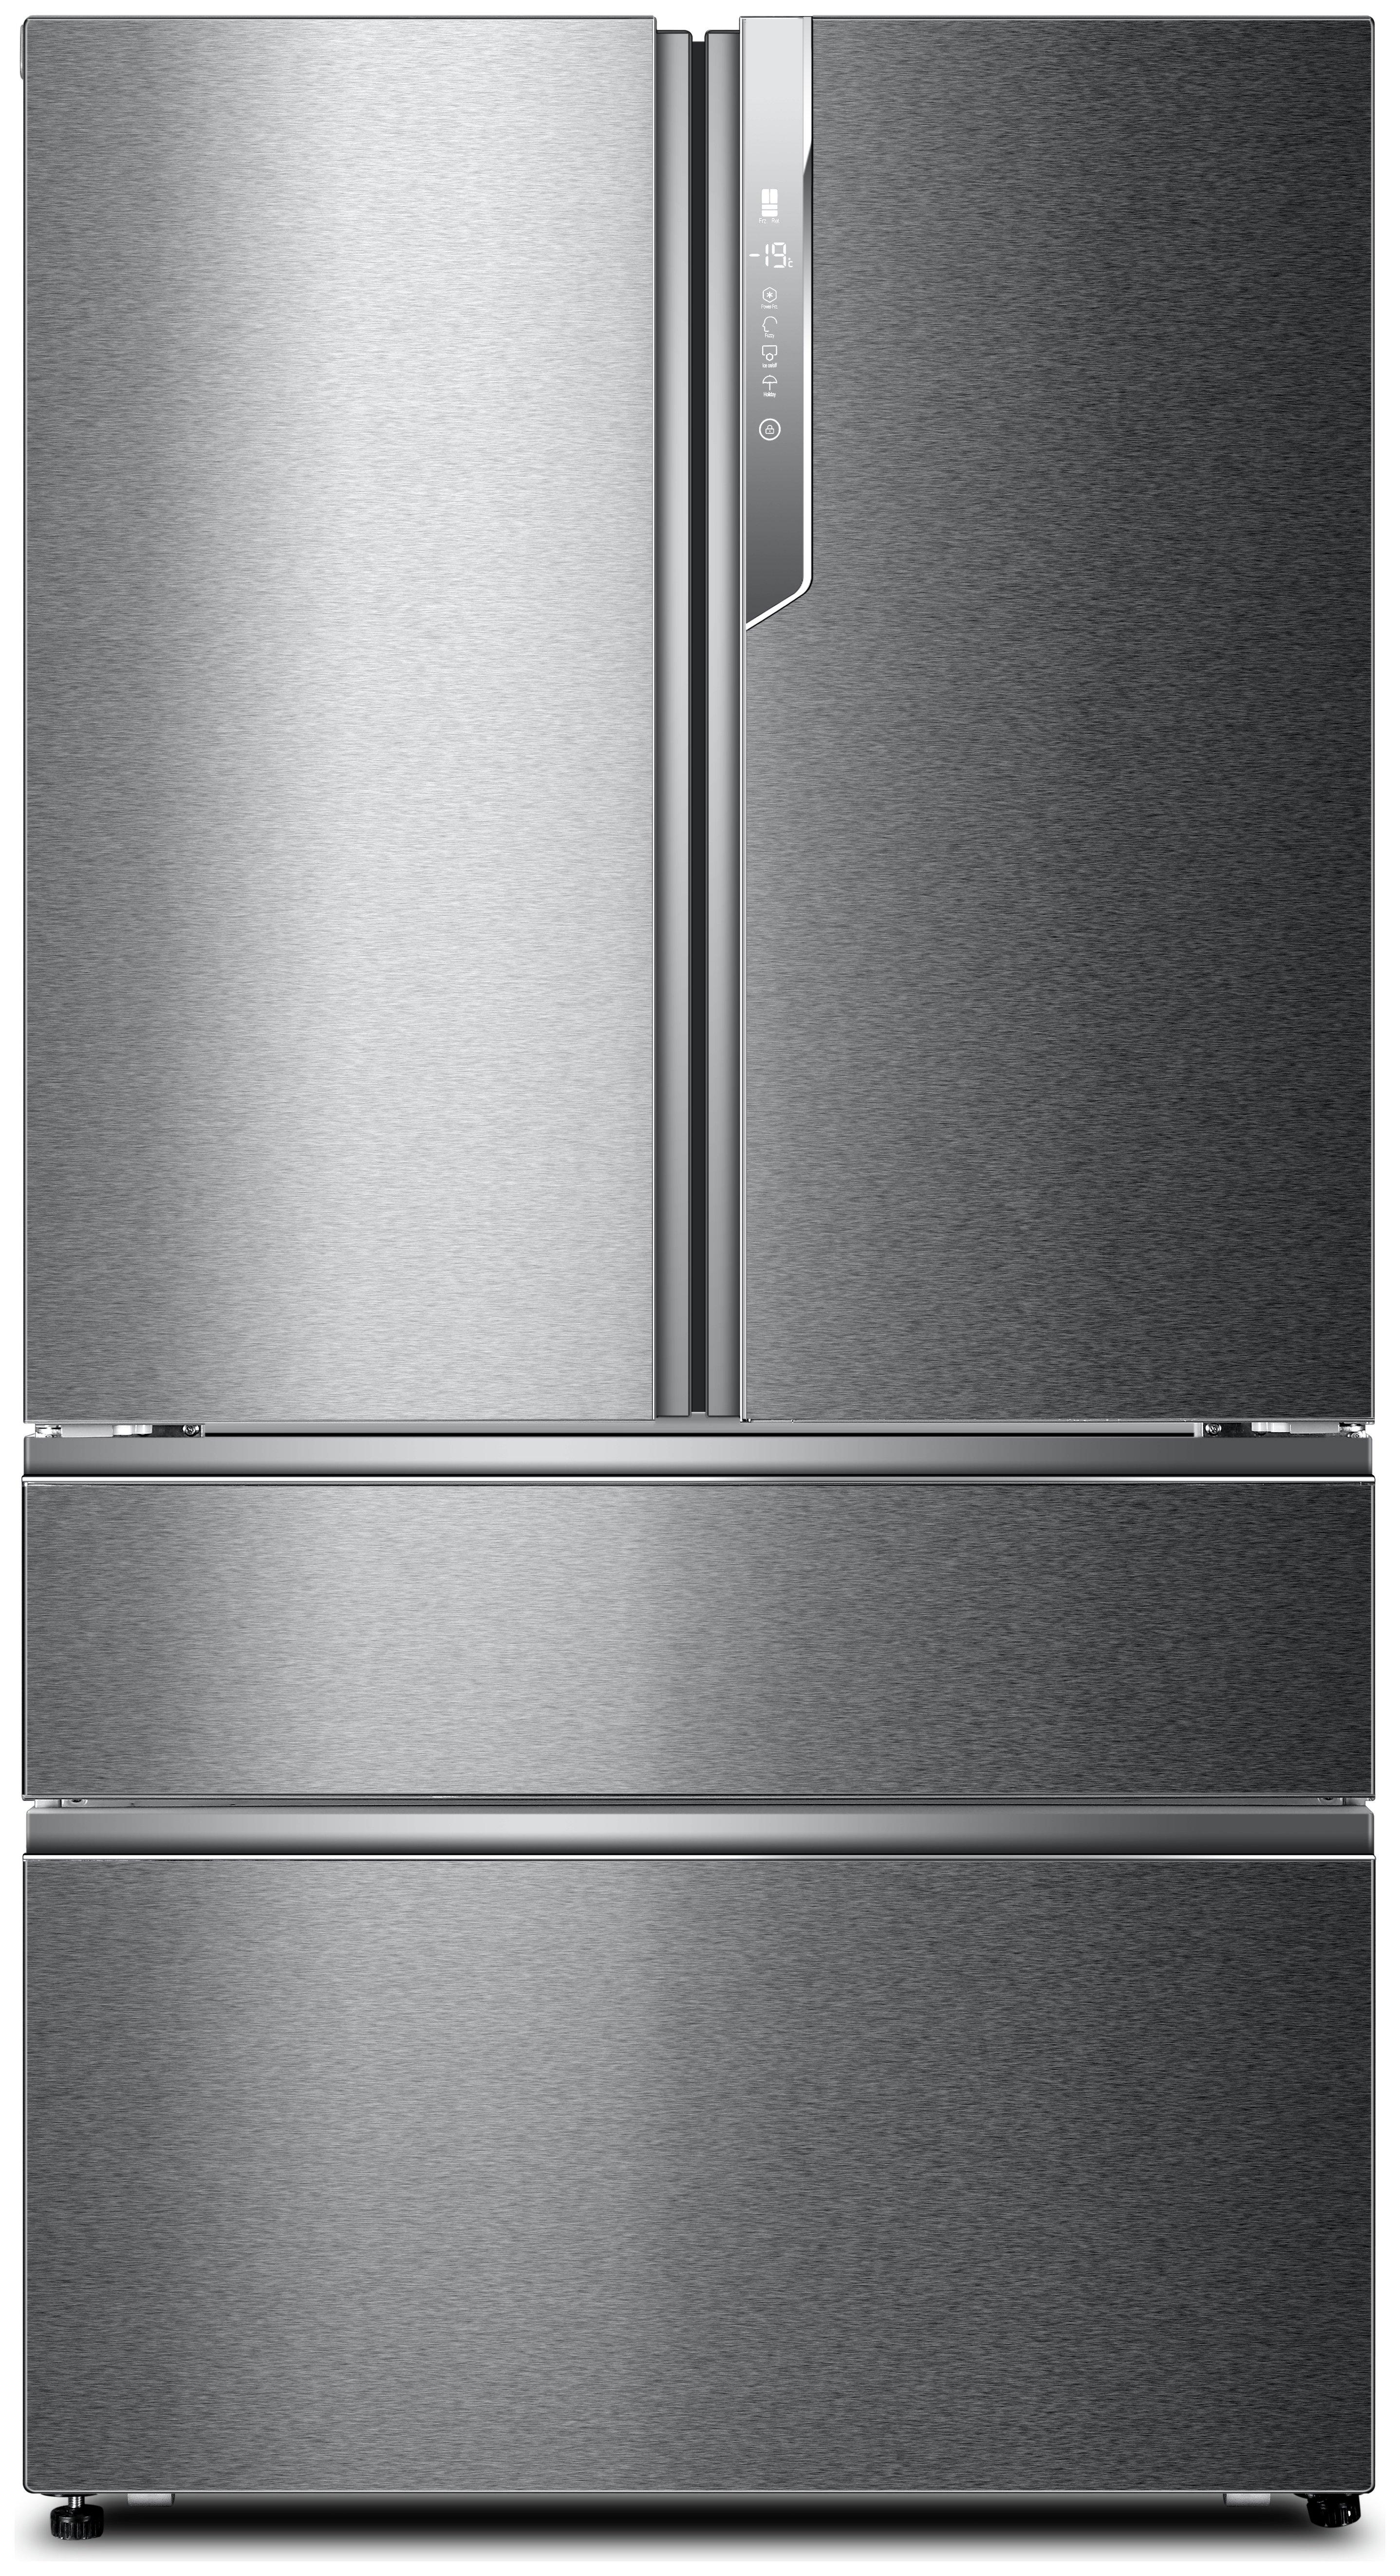 Image of Haier HB25FSSAAA American Fridge Freezer - SSteel/Ins/Del.